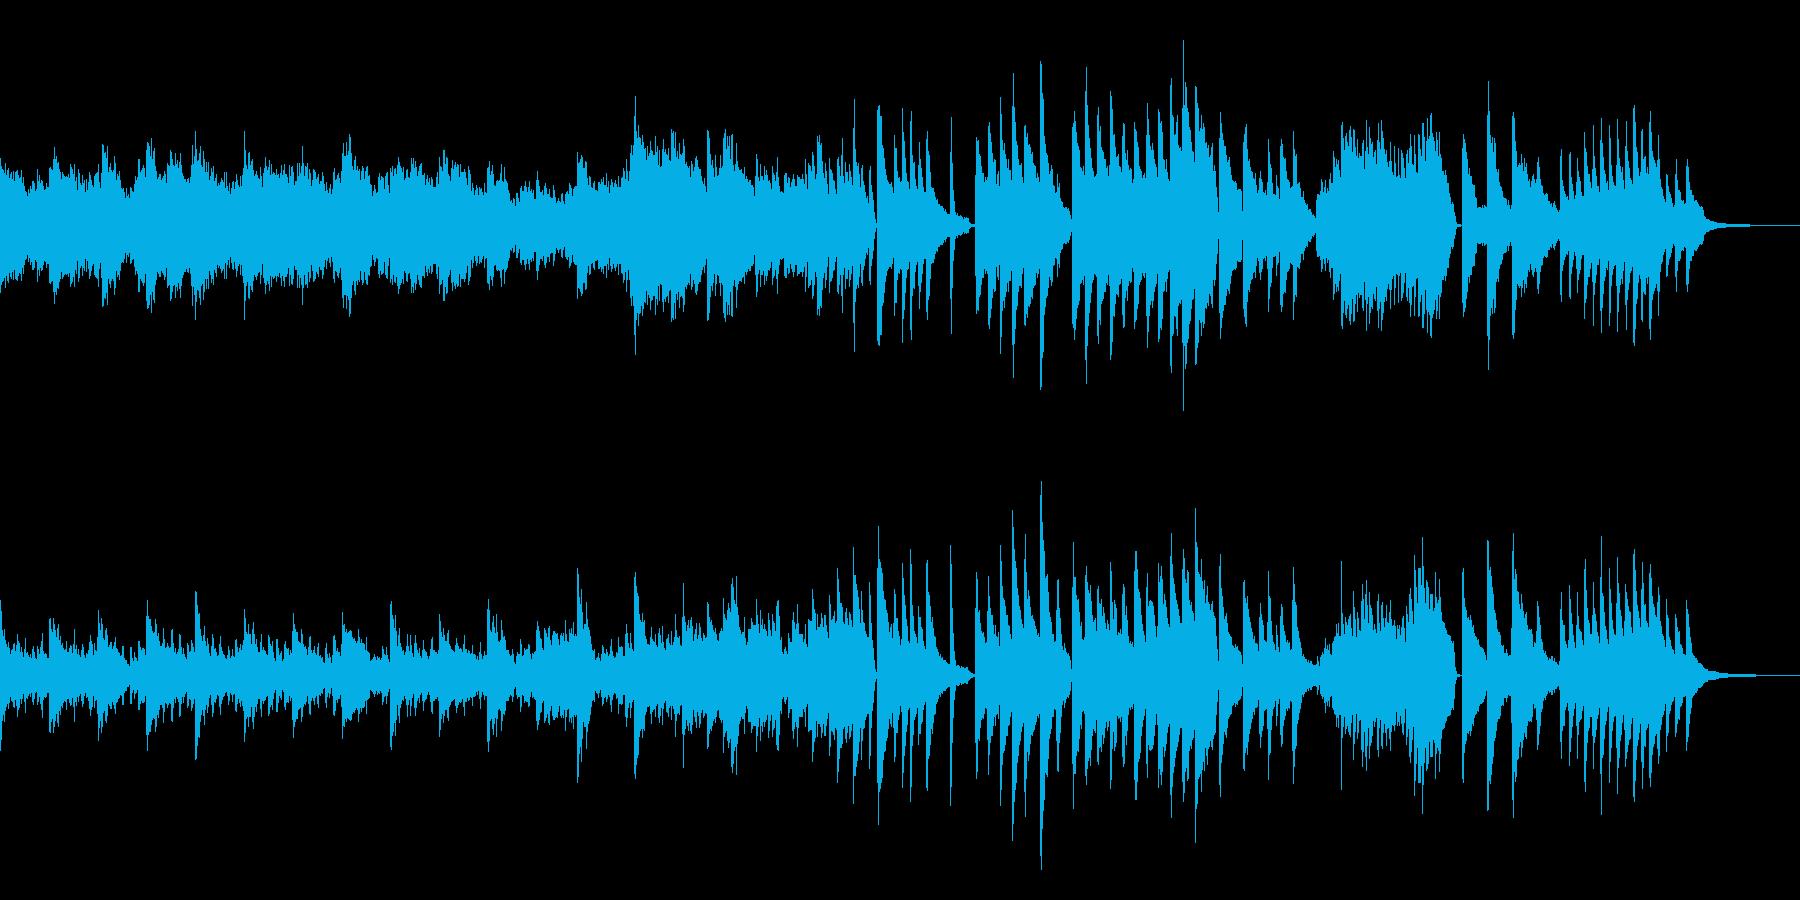 生ピアノ 幻想的 ドラマチック 映像 の再生済みの波形